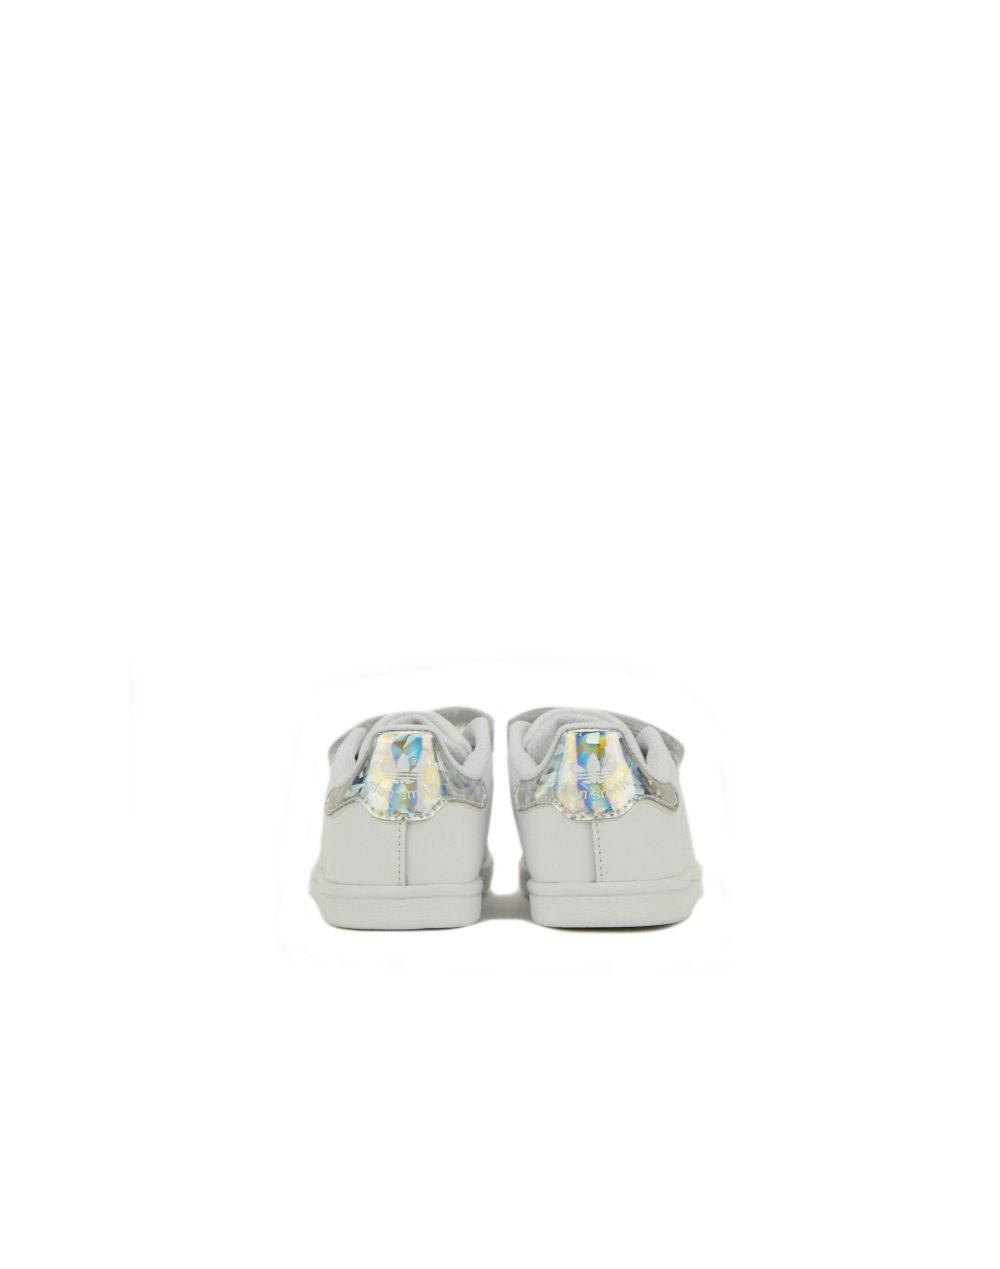 Adidas Stan Smith CFI (EE8485) White/Silver